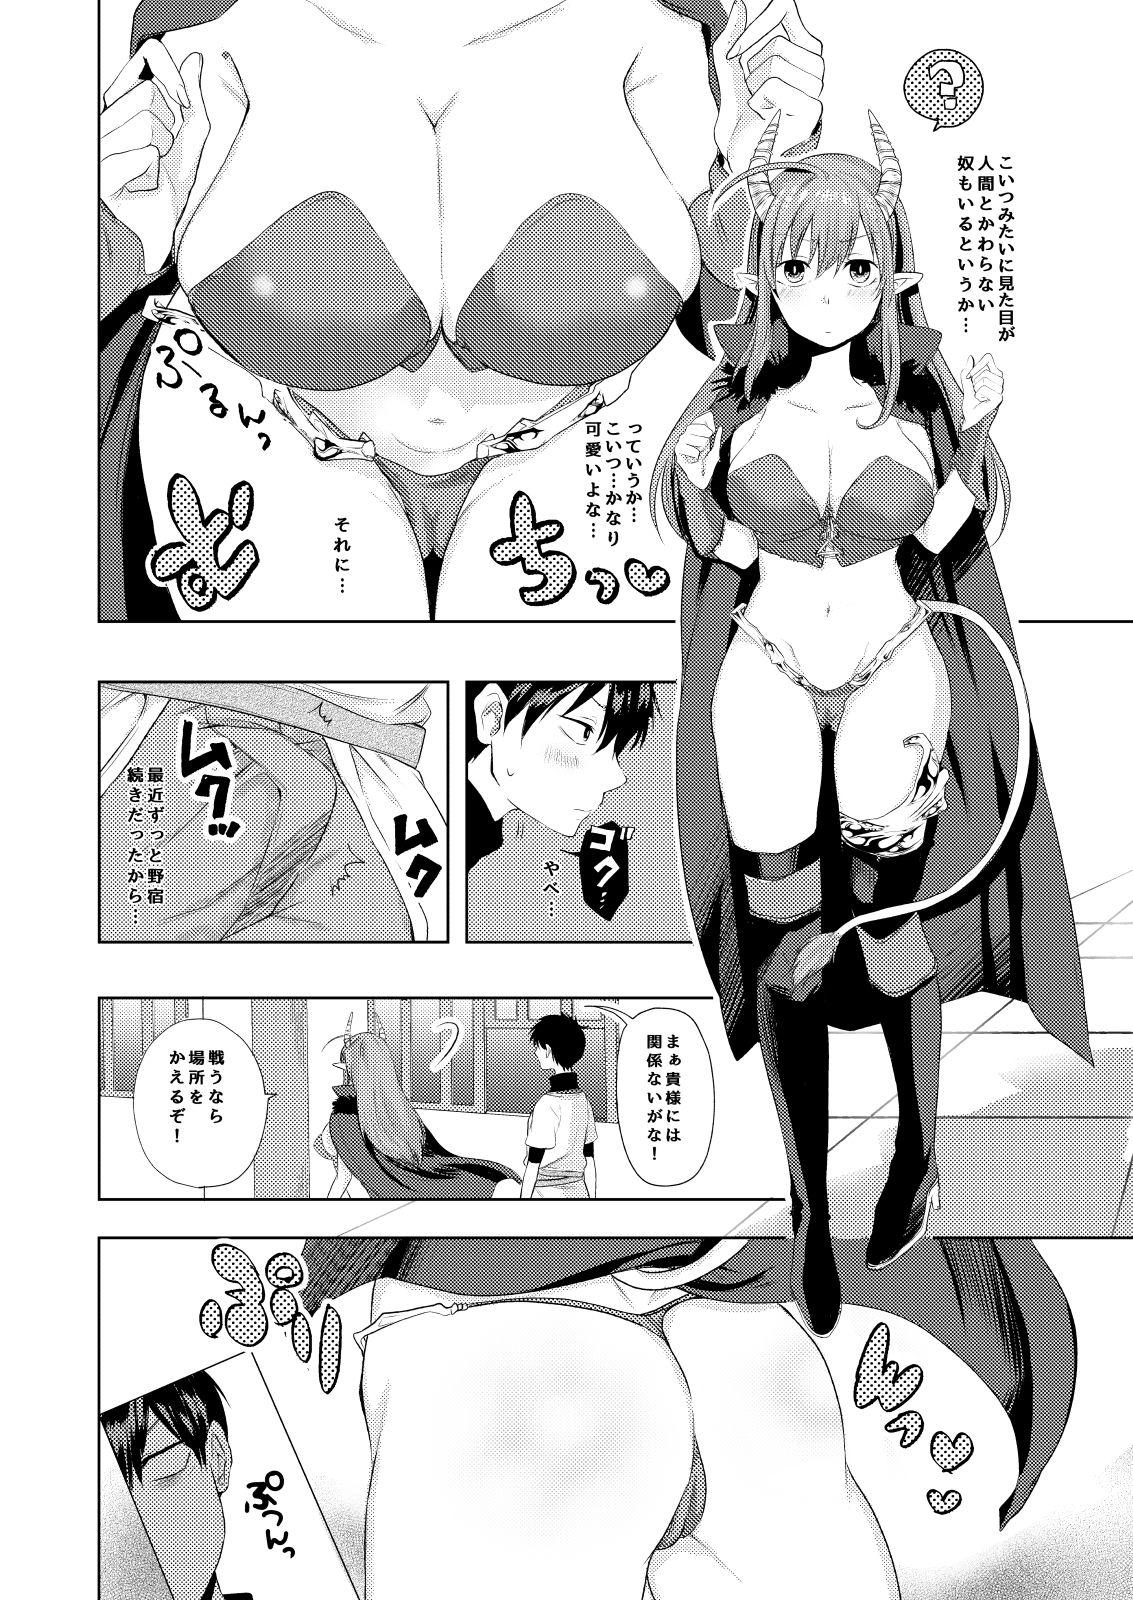 勇者のおしごと!〜魔王ちゃん種付けレイプ編〜